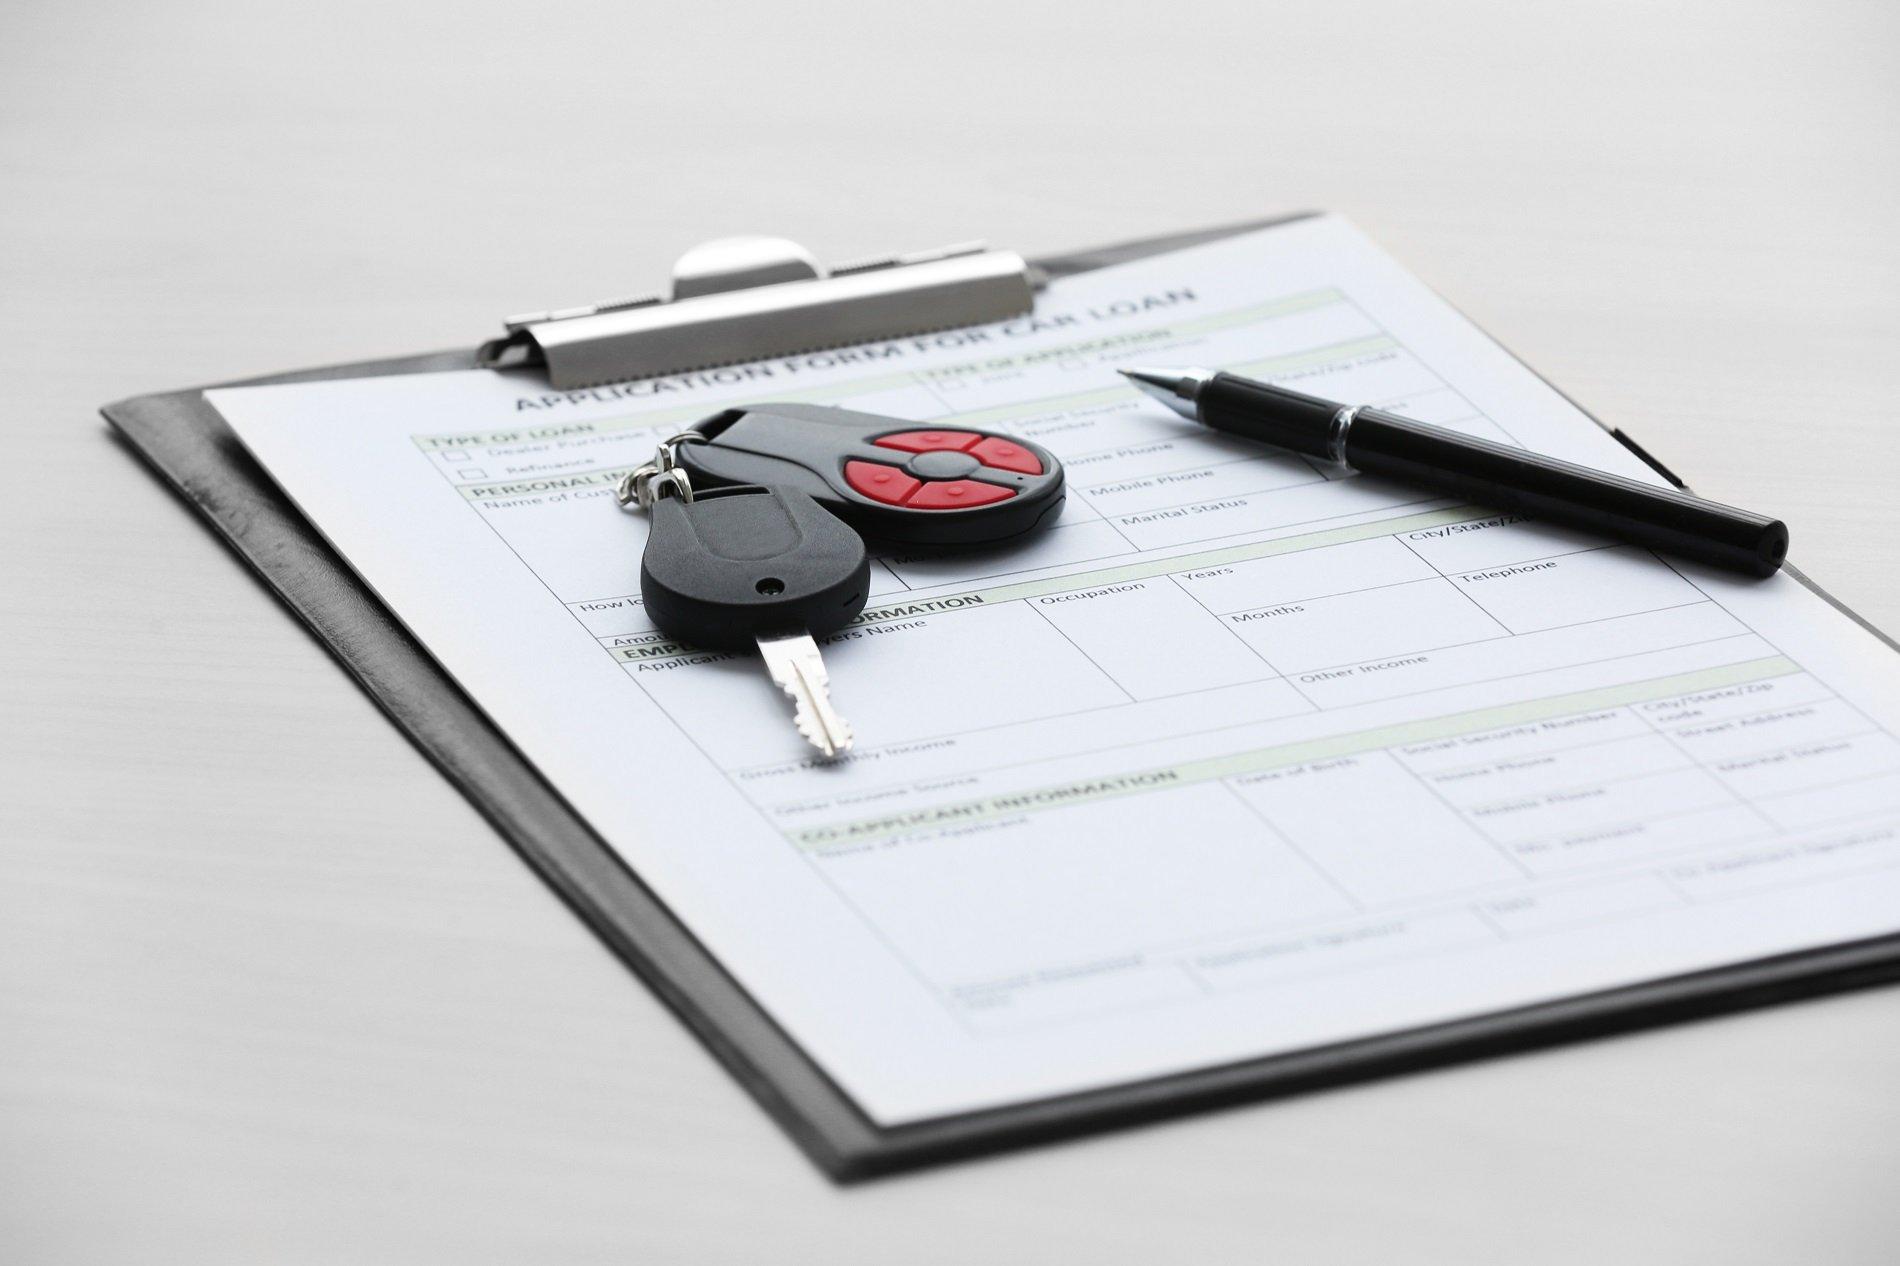 dei documenti e sopra un mazzo di chiavi di una macchina e una penna